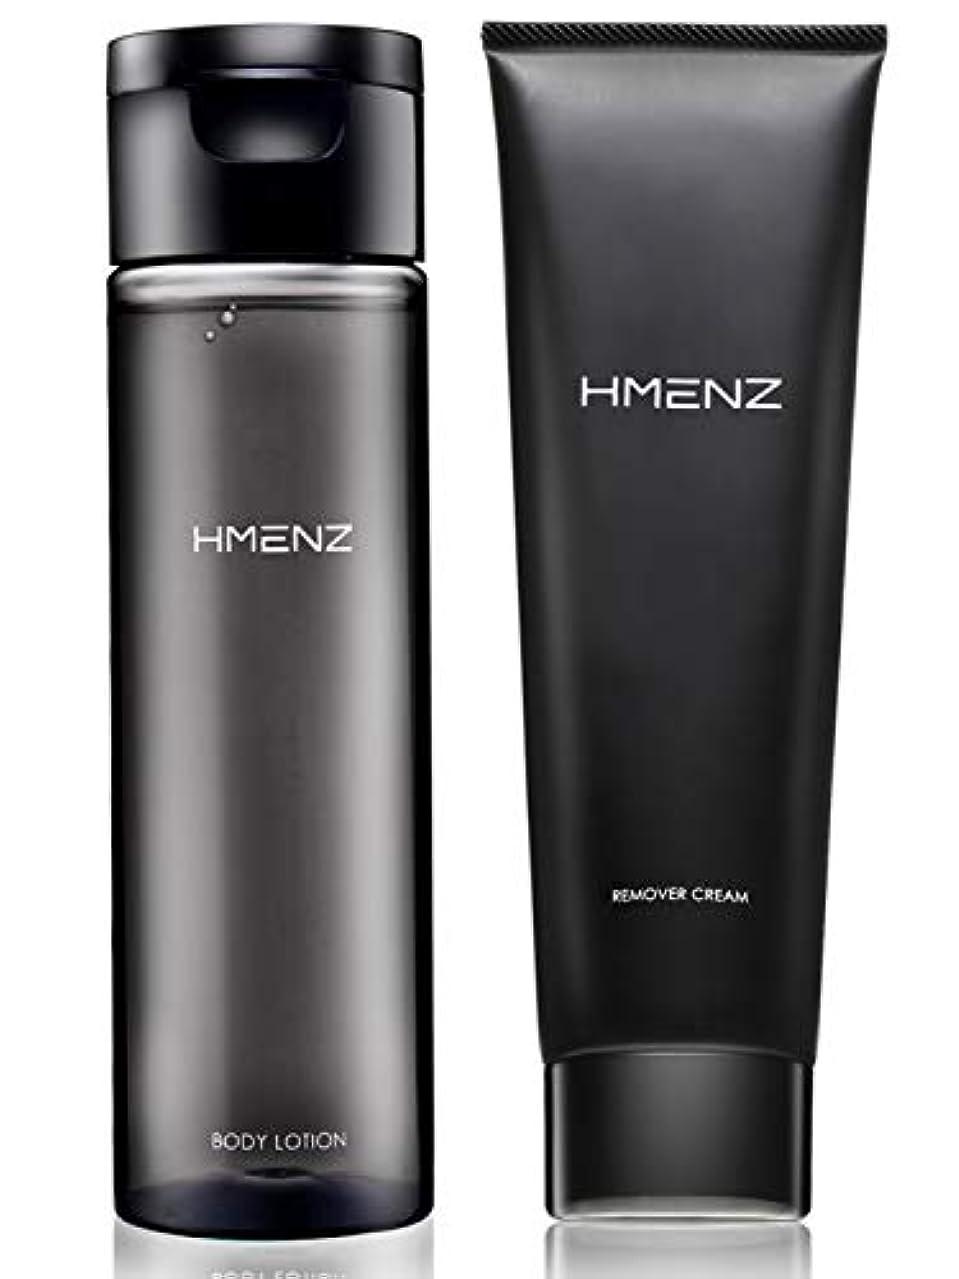 有効実際逆さまに医薬部外品 HMENZ メンズ 除毛クリーム + アフターシェーブローション 【 パーフェクト 除毛 セット 】 陰部 VIO 使用可能 210g & 250ml